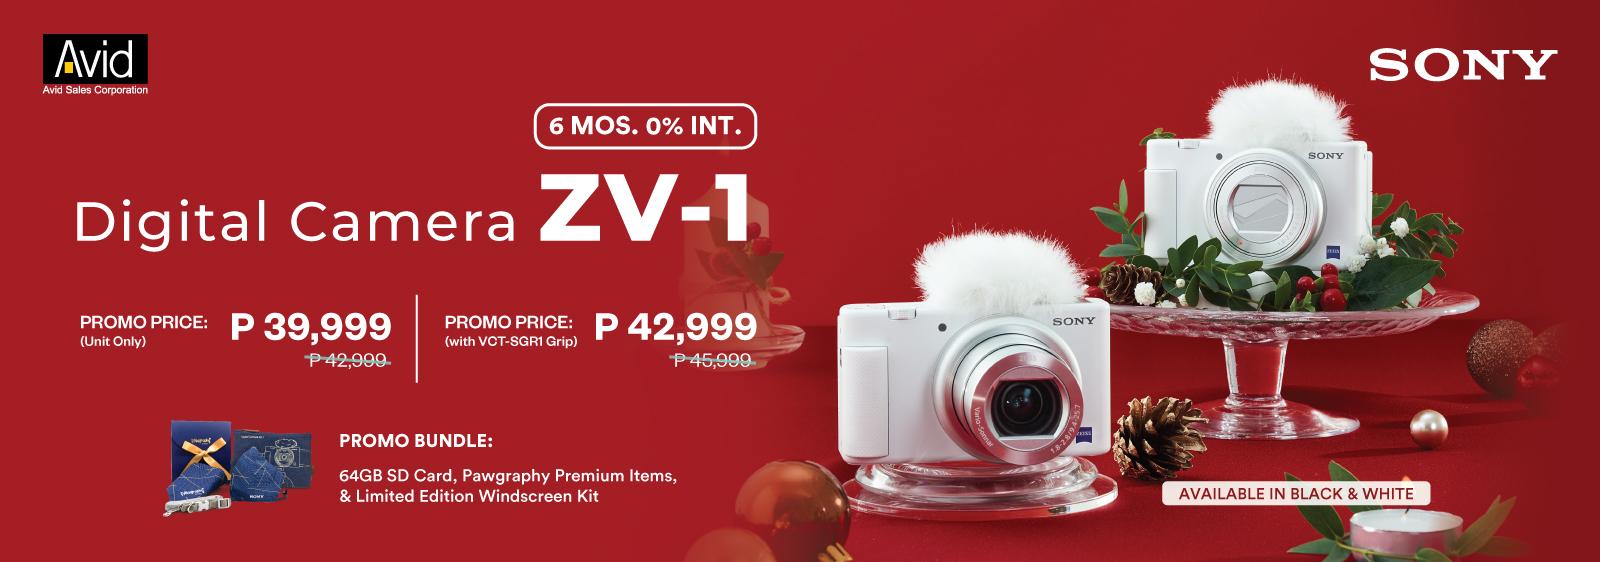 zv1-promo